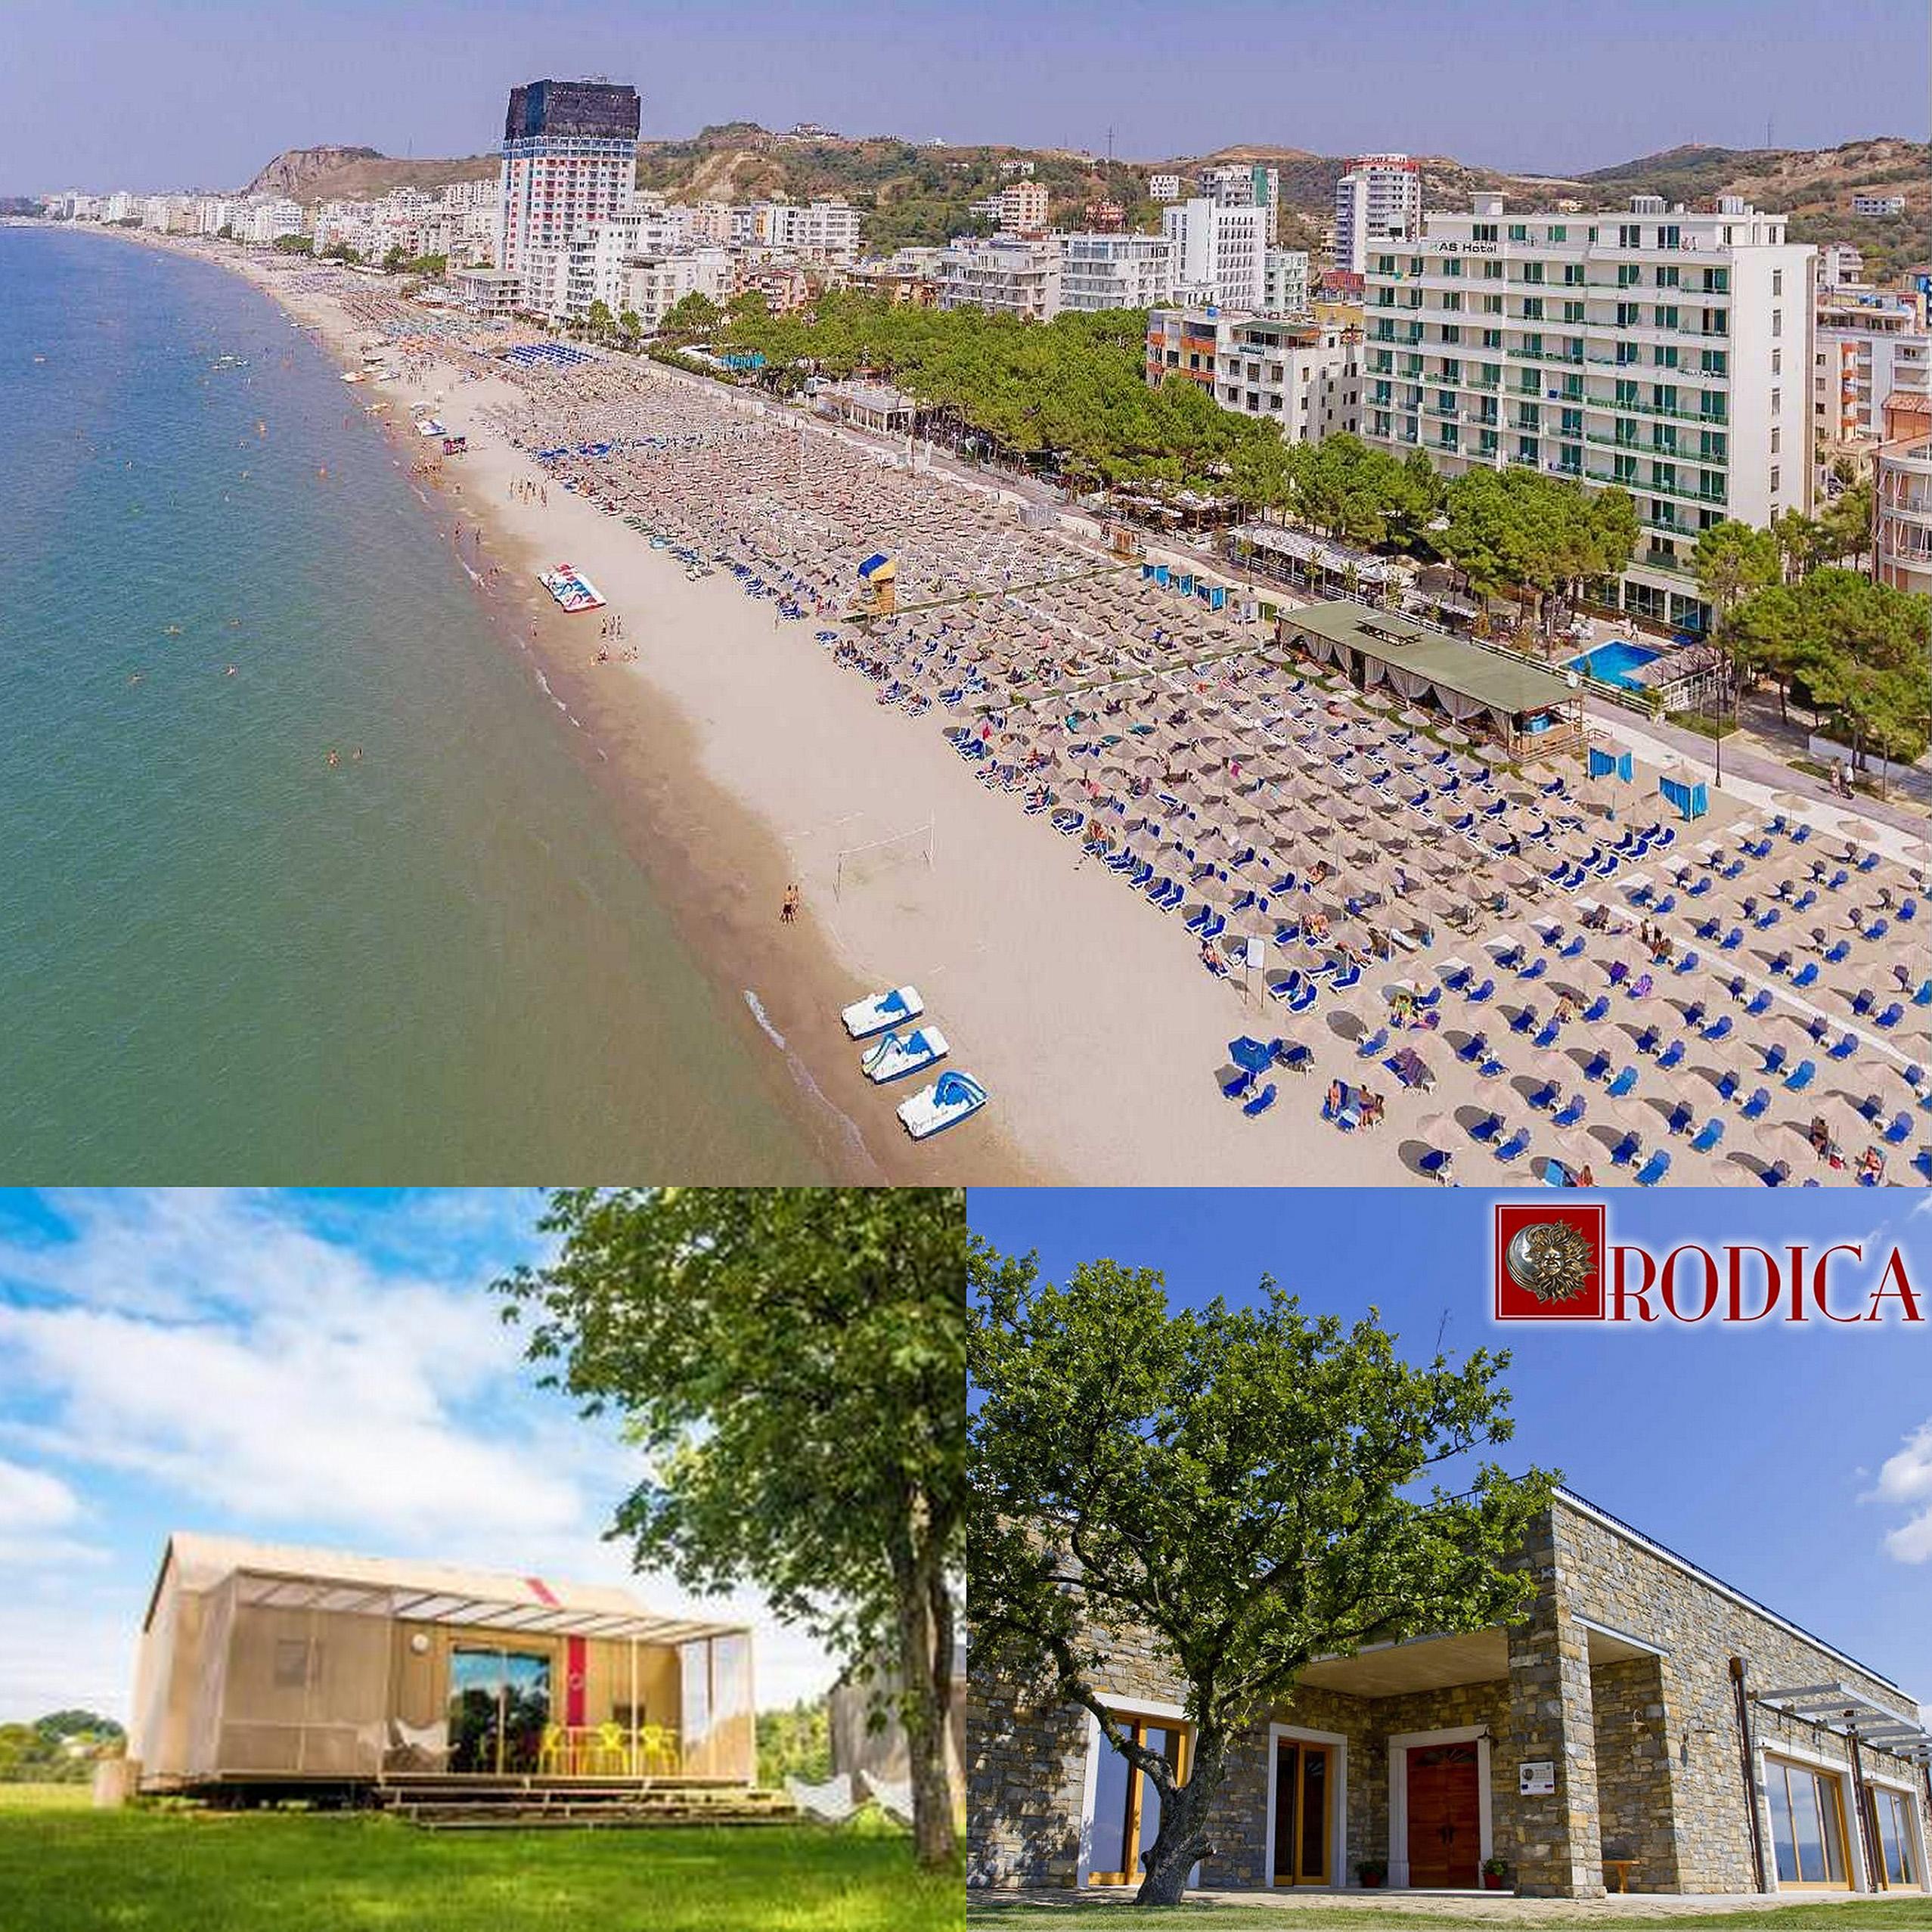 Turisdticka prizma 2019, hoteli harmonija Albvanija,